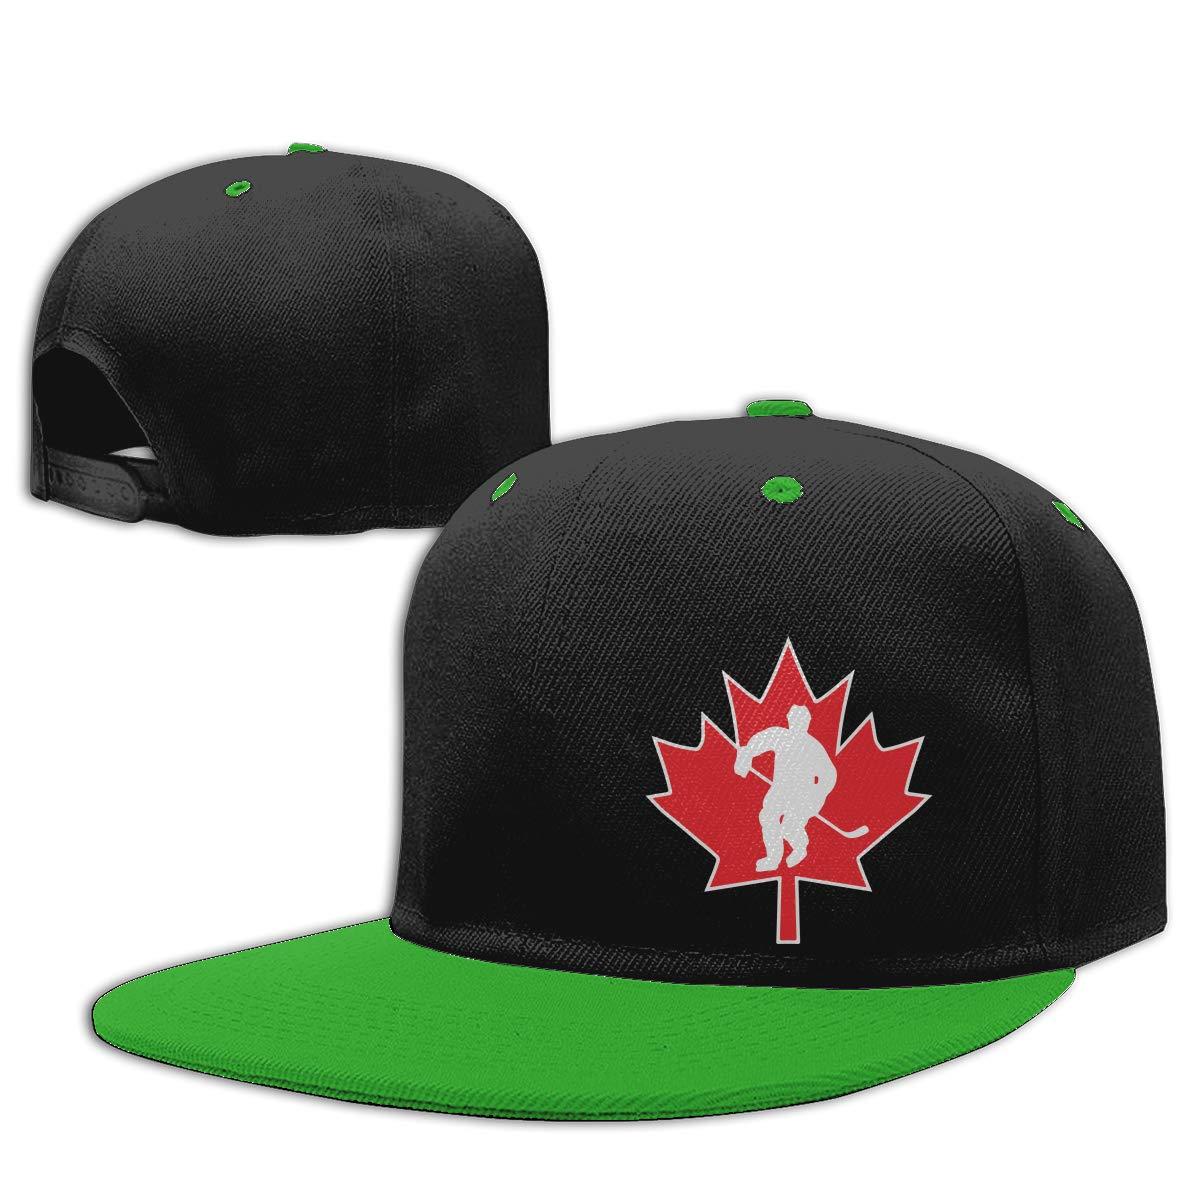 NMG-01 Women Men Snapback Cap Canada Hockey3 Printed Flat Brim Baseball Caps